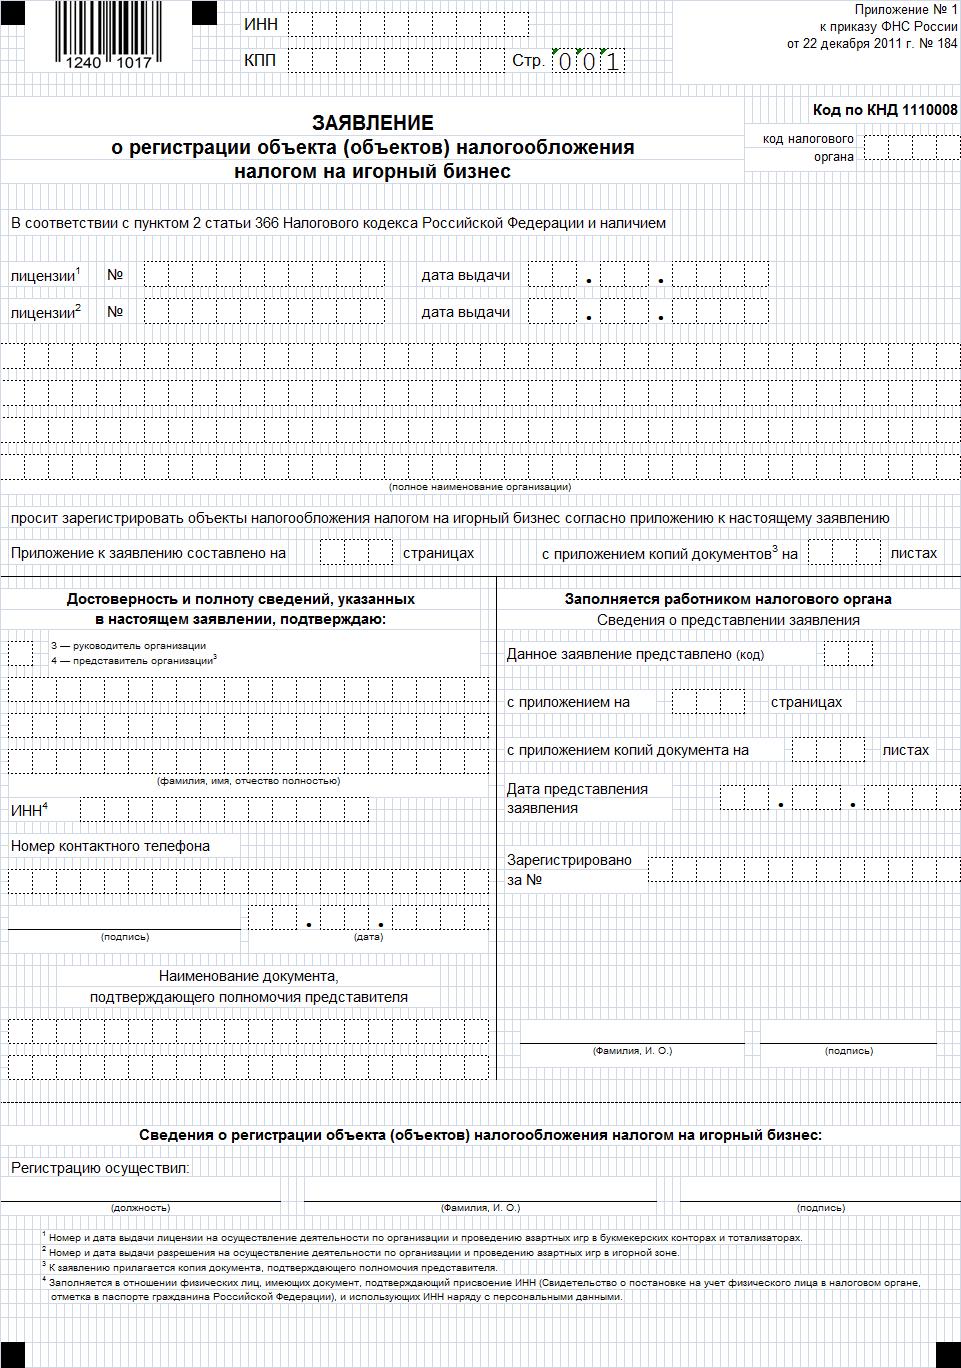 Титульный лист декларации